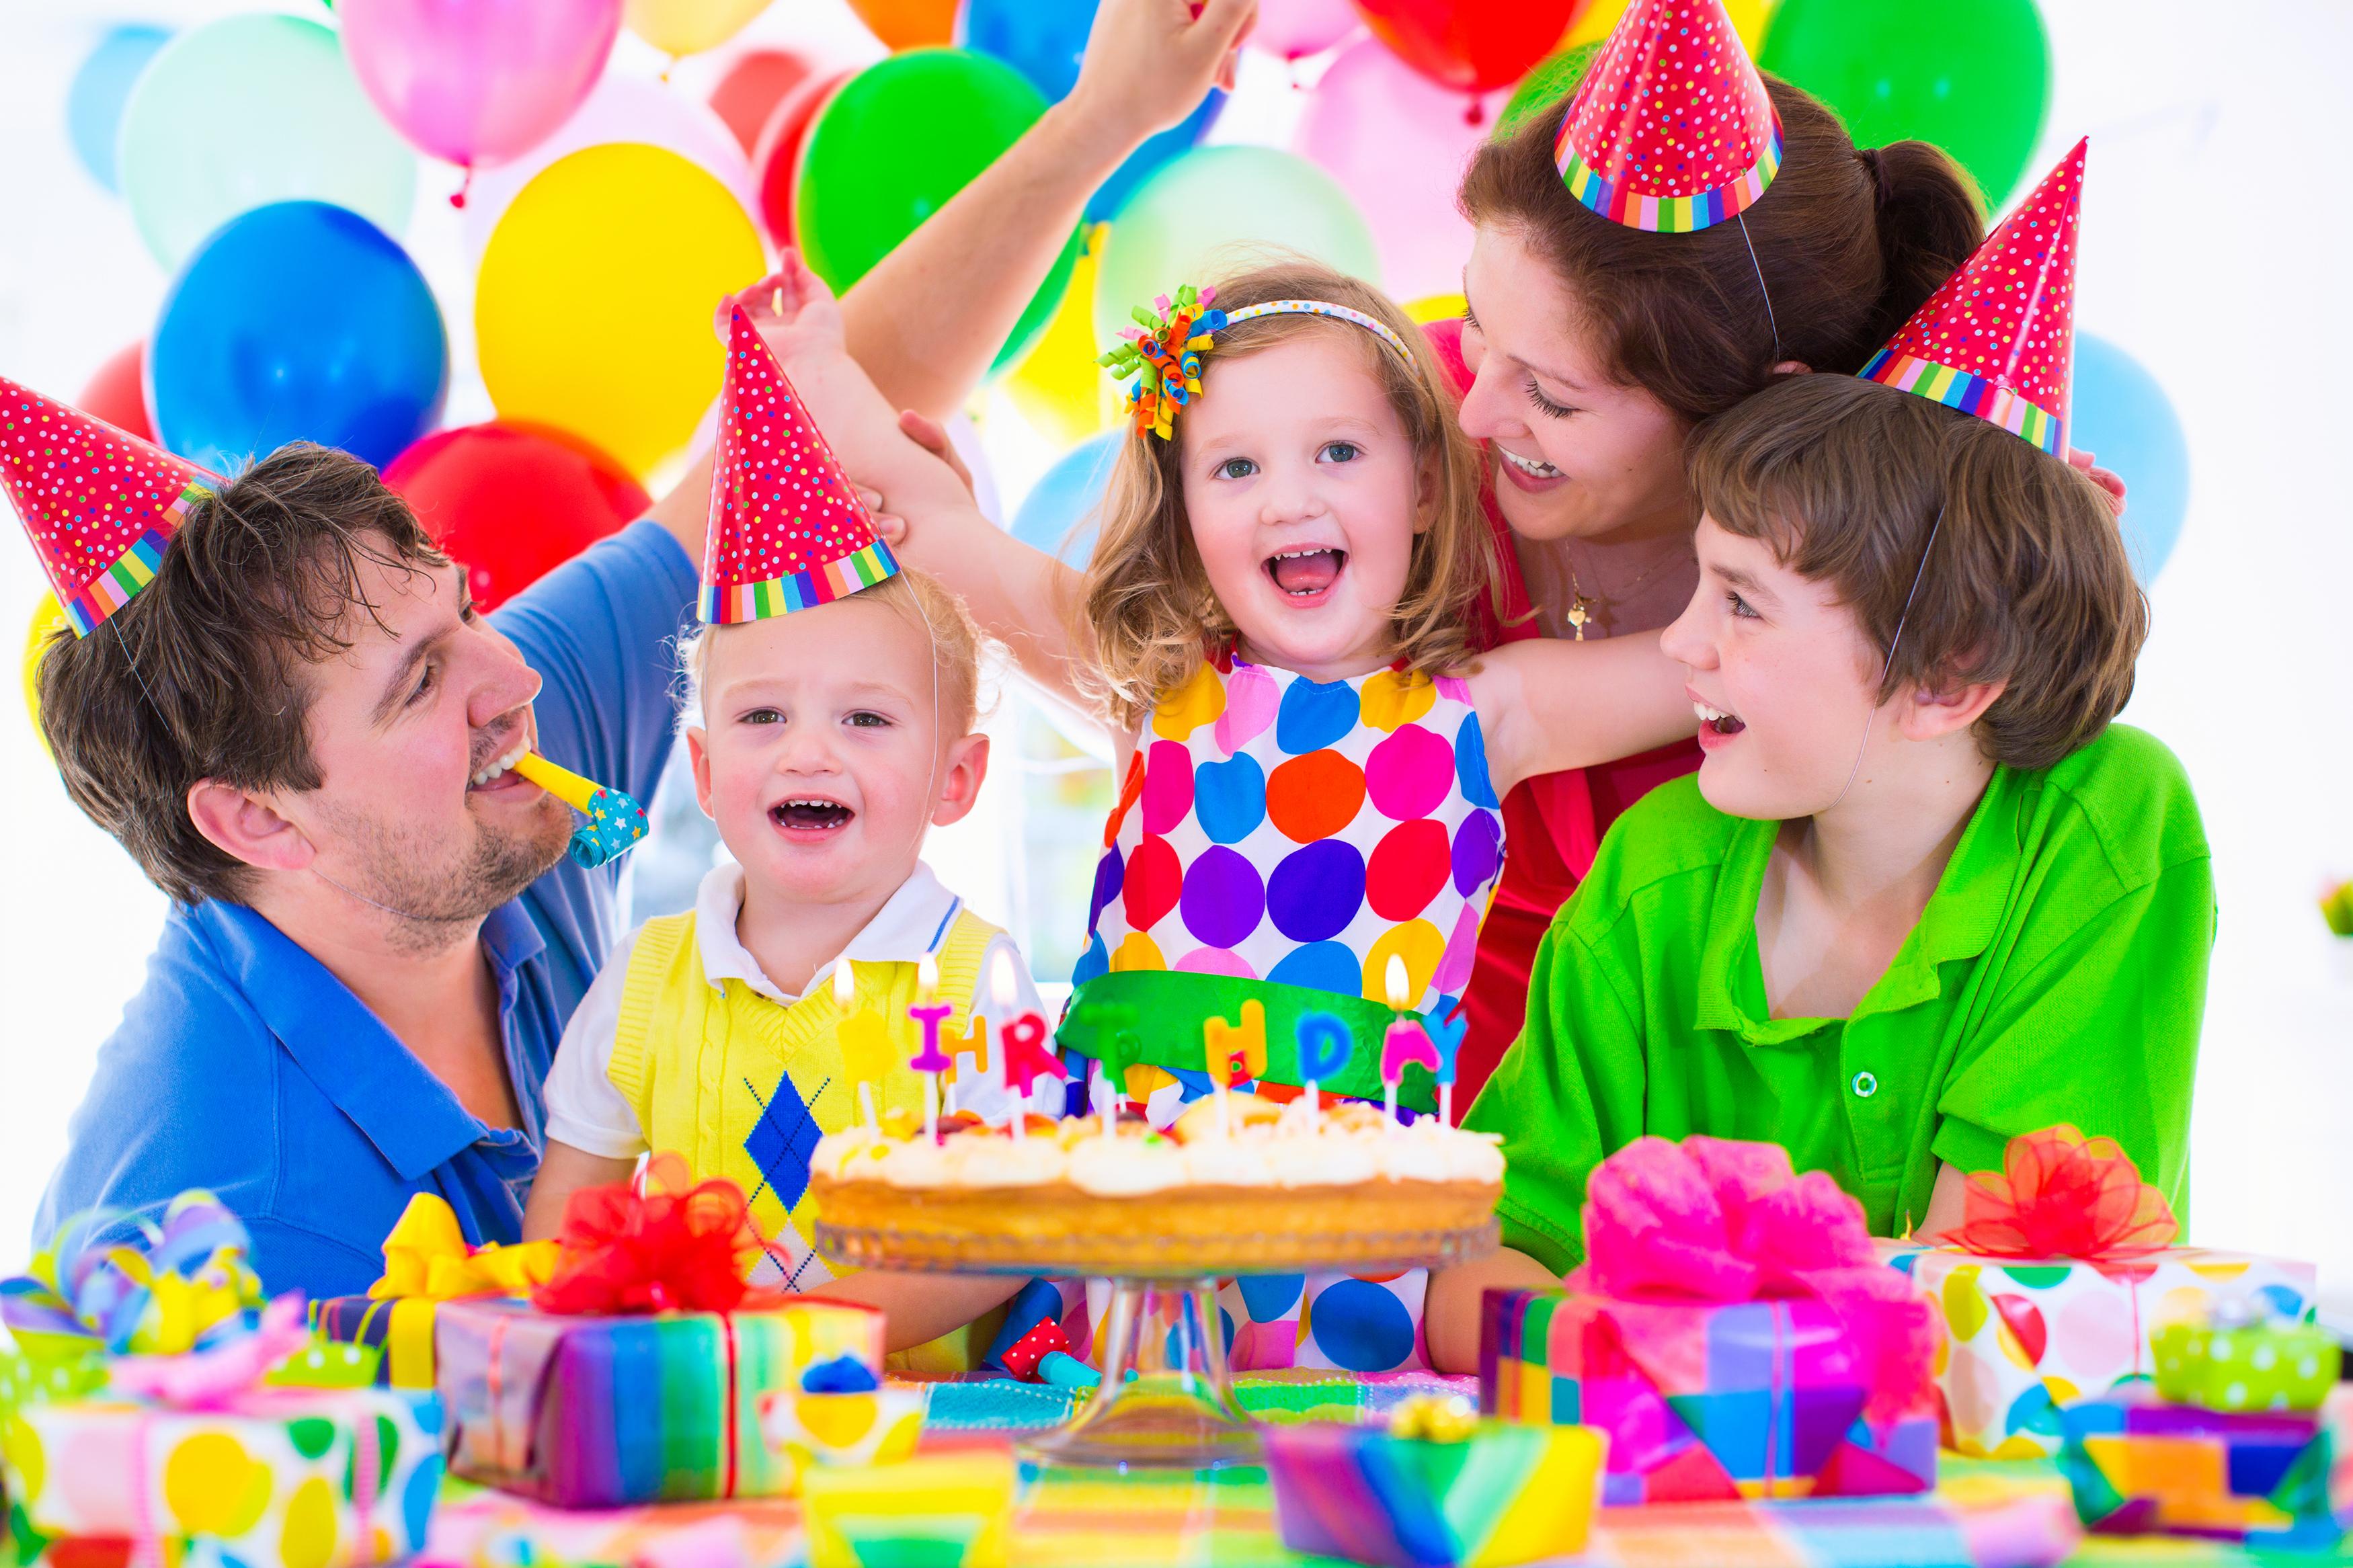 Children's Birthday Event